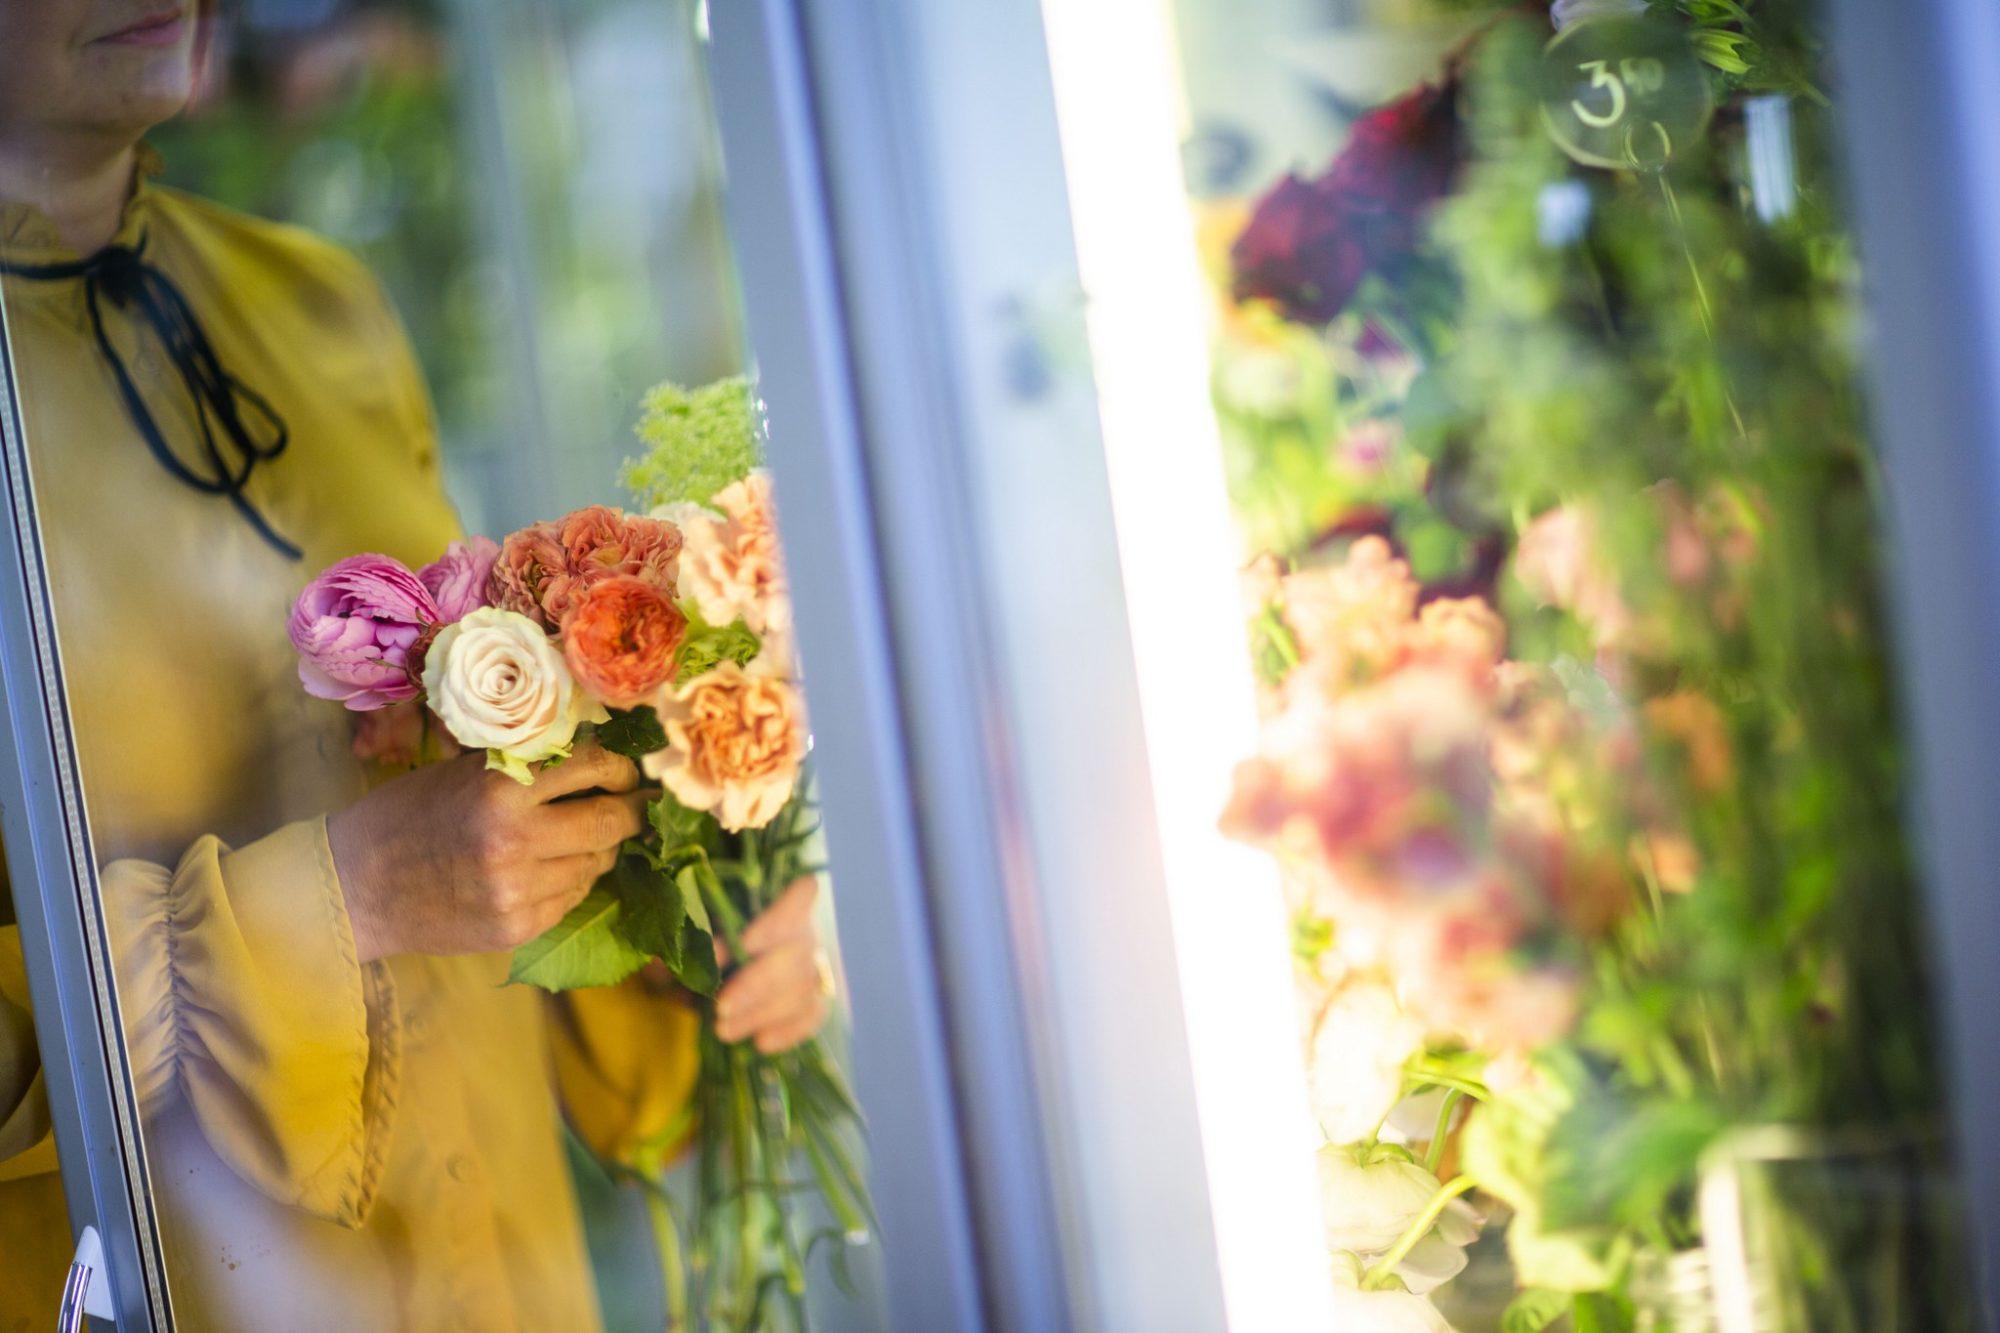 Kukkakauppa Ruusupuu